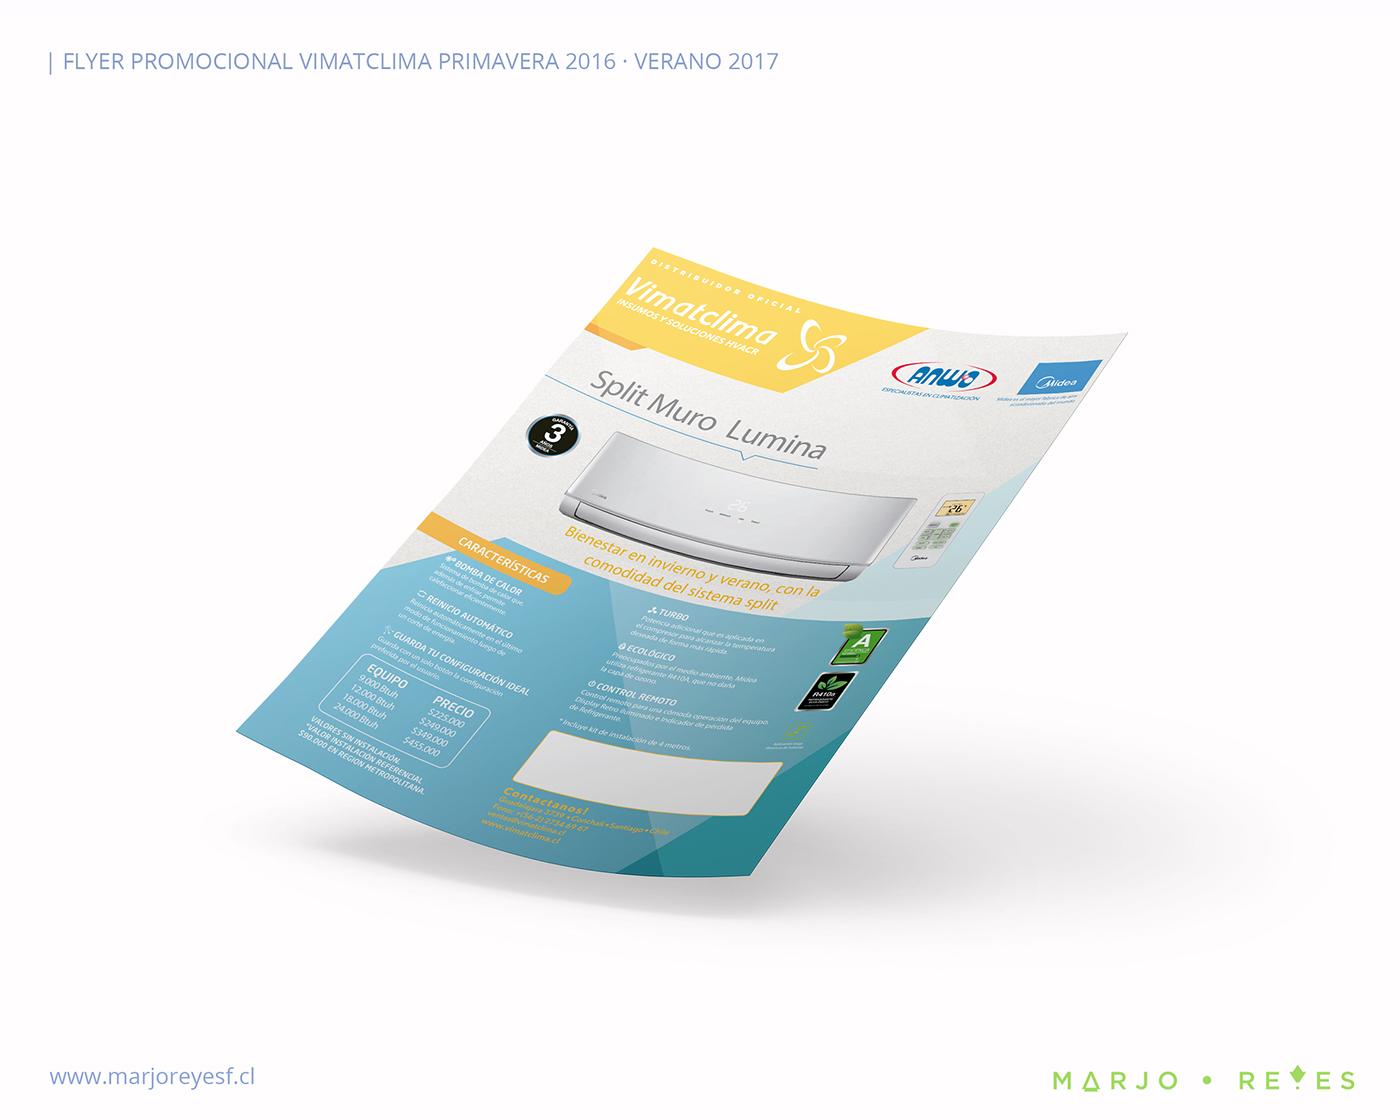 Marjoreyesf.cl diseño gráfico Diseño Freelance branding  Creative strategy flyer promoción Marjorie Reyes Fernandez Graphic Designer auckland